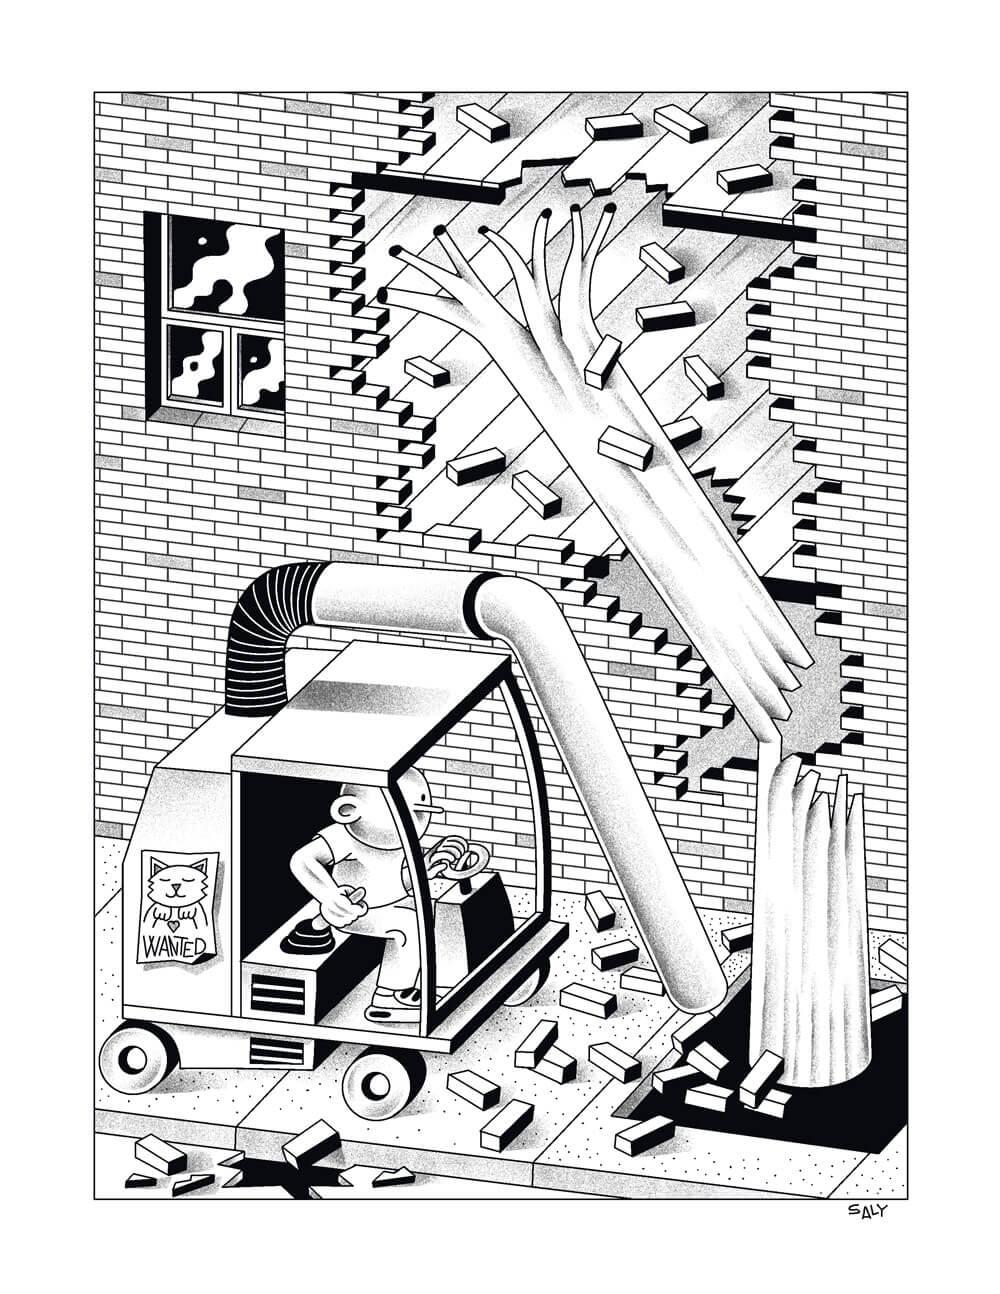 aureliensaly-aurelien-saly-illustration